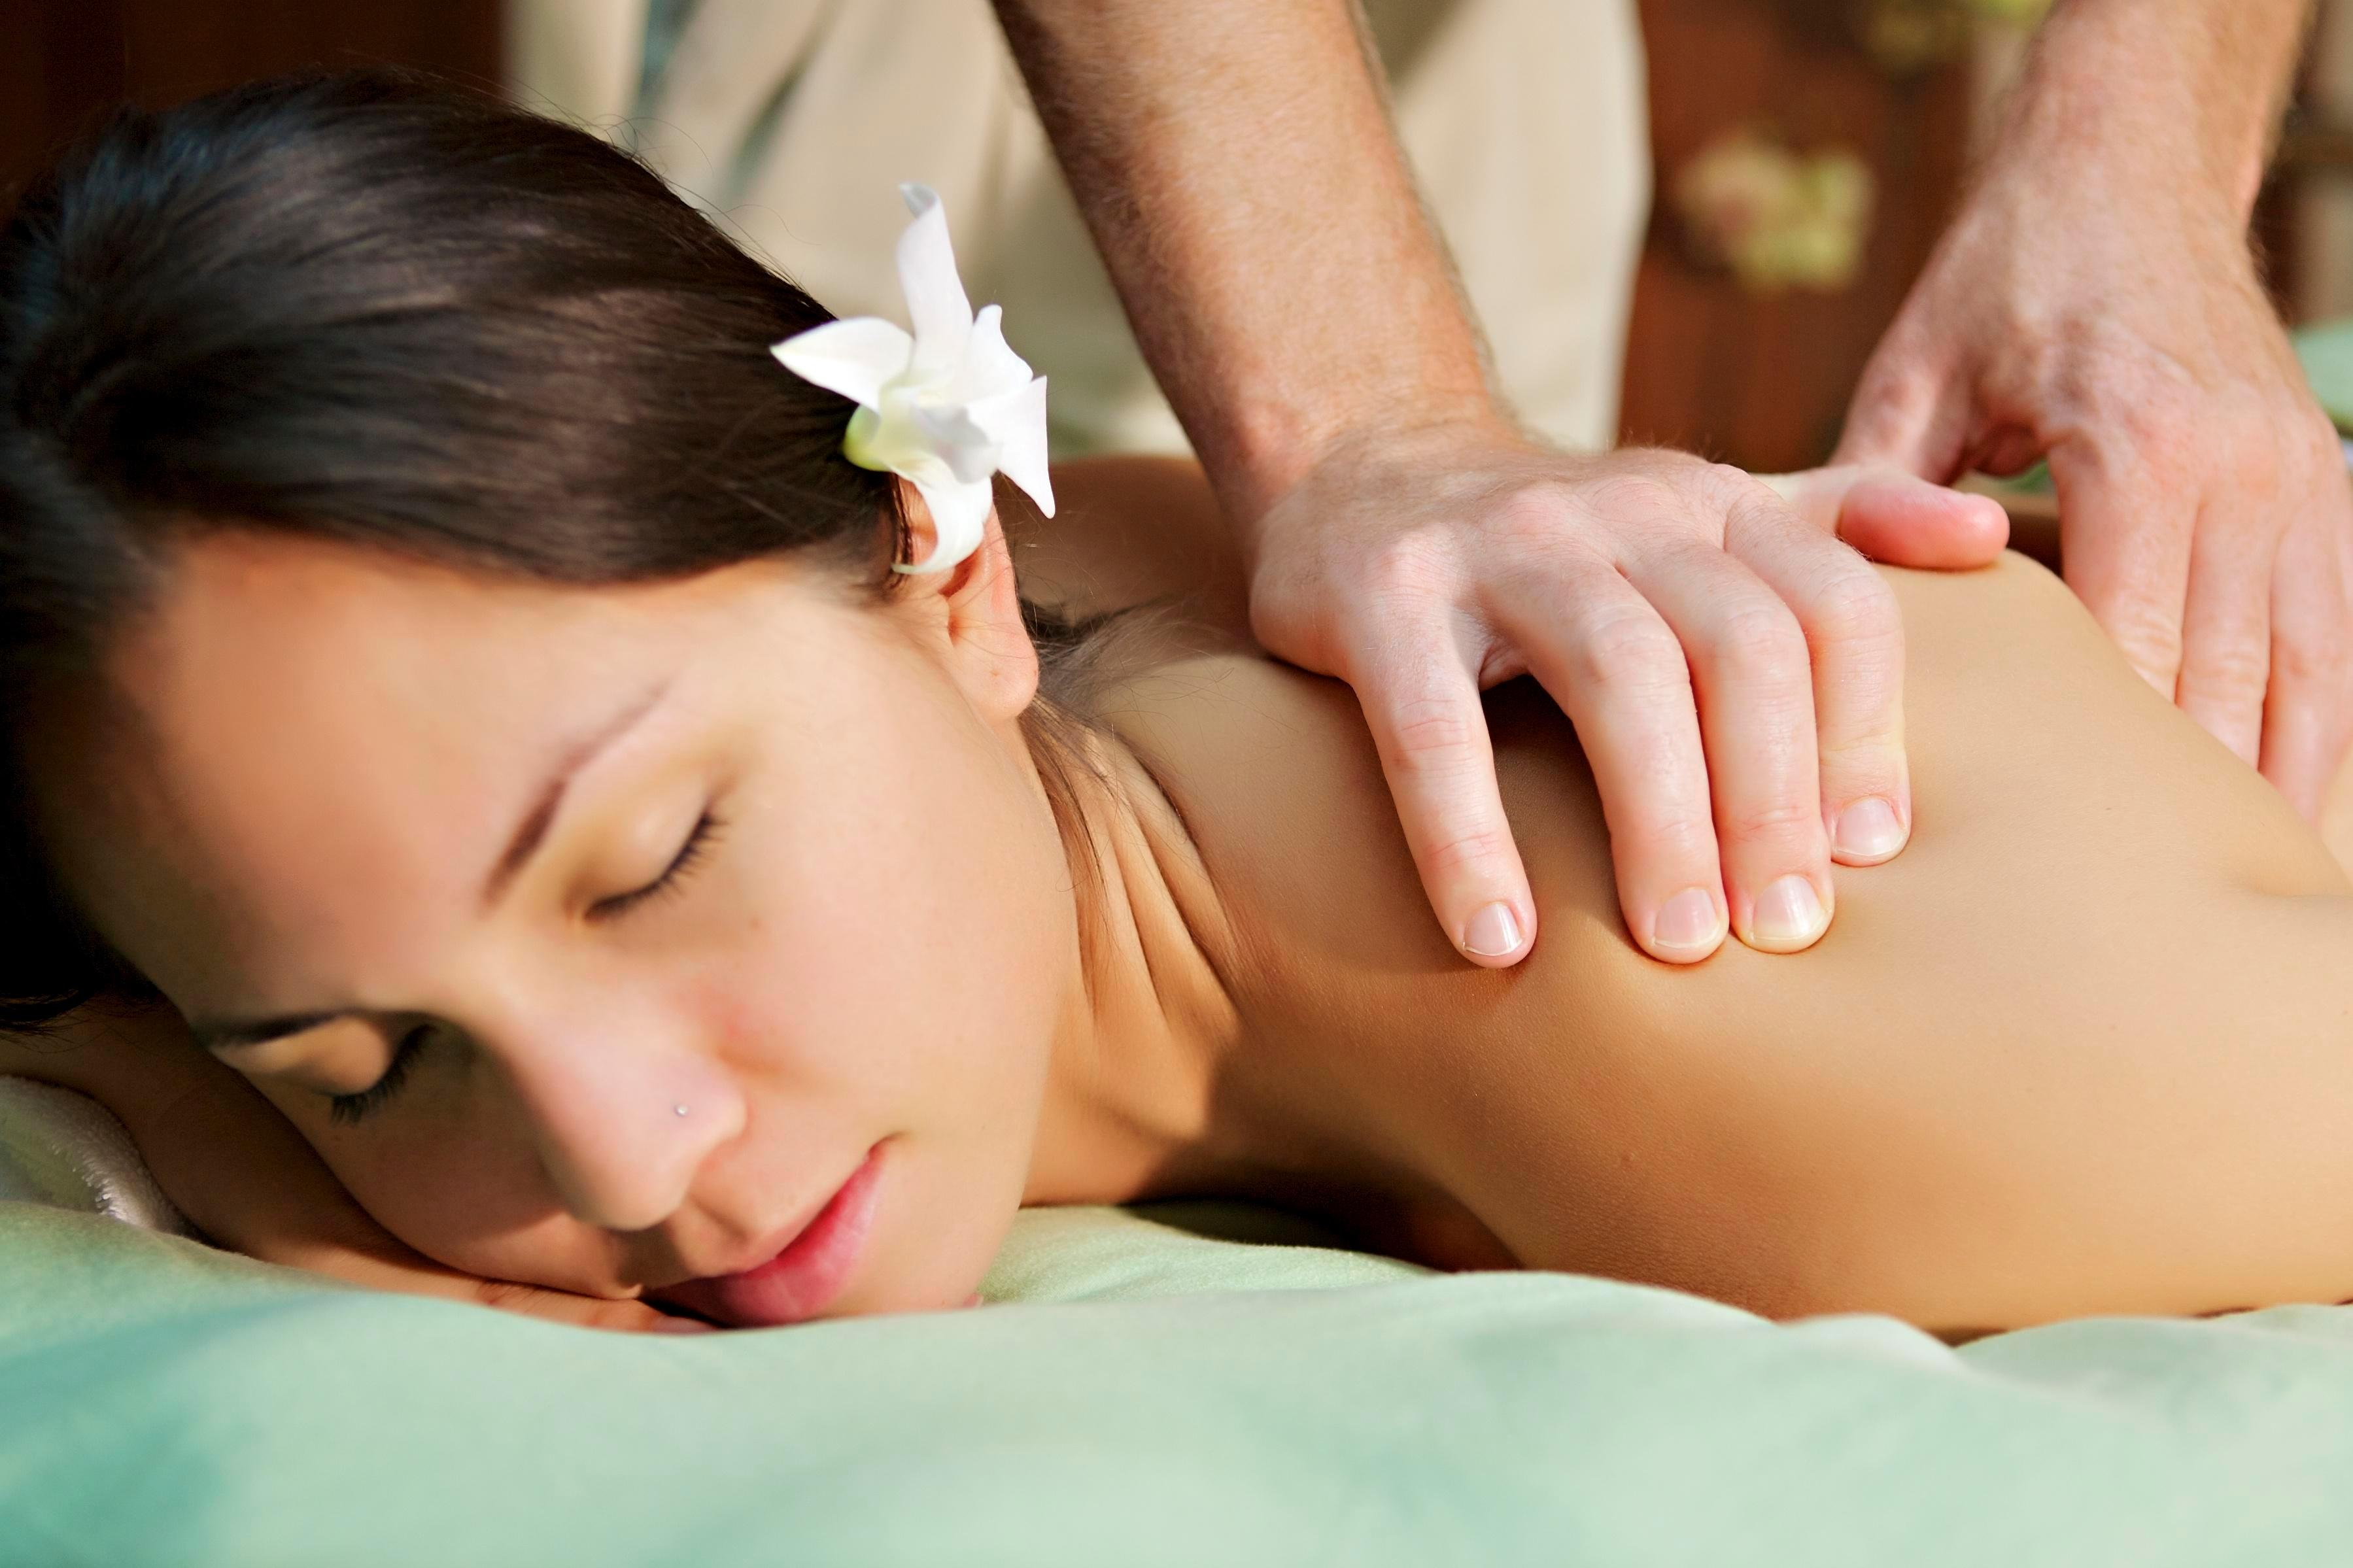 Massage érotique à honolulu hi